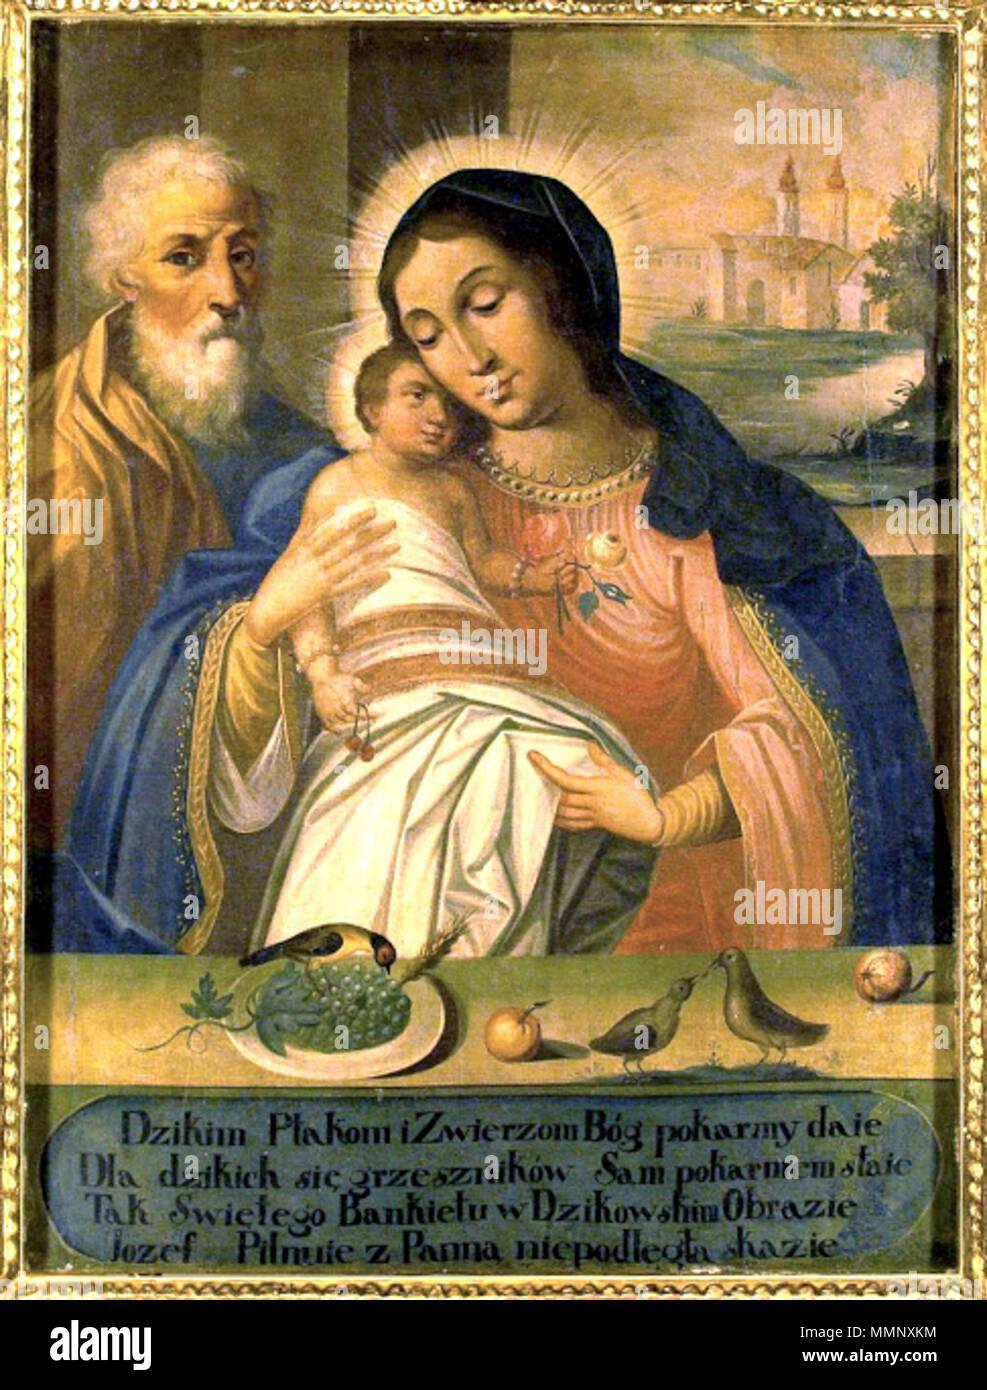 . English: Our Lady of Chorzelów Polski: Matka Boża Dzikowska / Chorzelowska  . 3 January 2014, 18:51:11. M. Brzezi?ski 16 3-MB-Chorzelowska-2010 - Stock Image